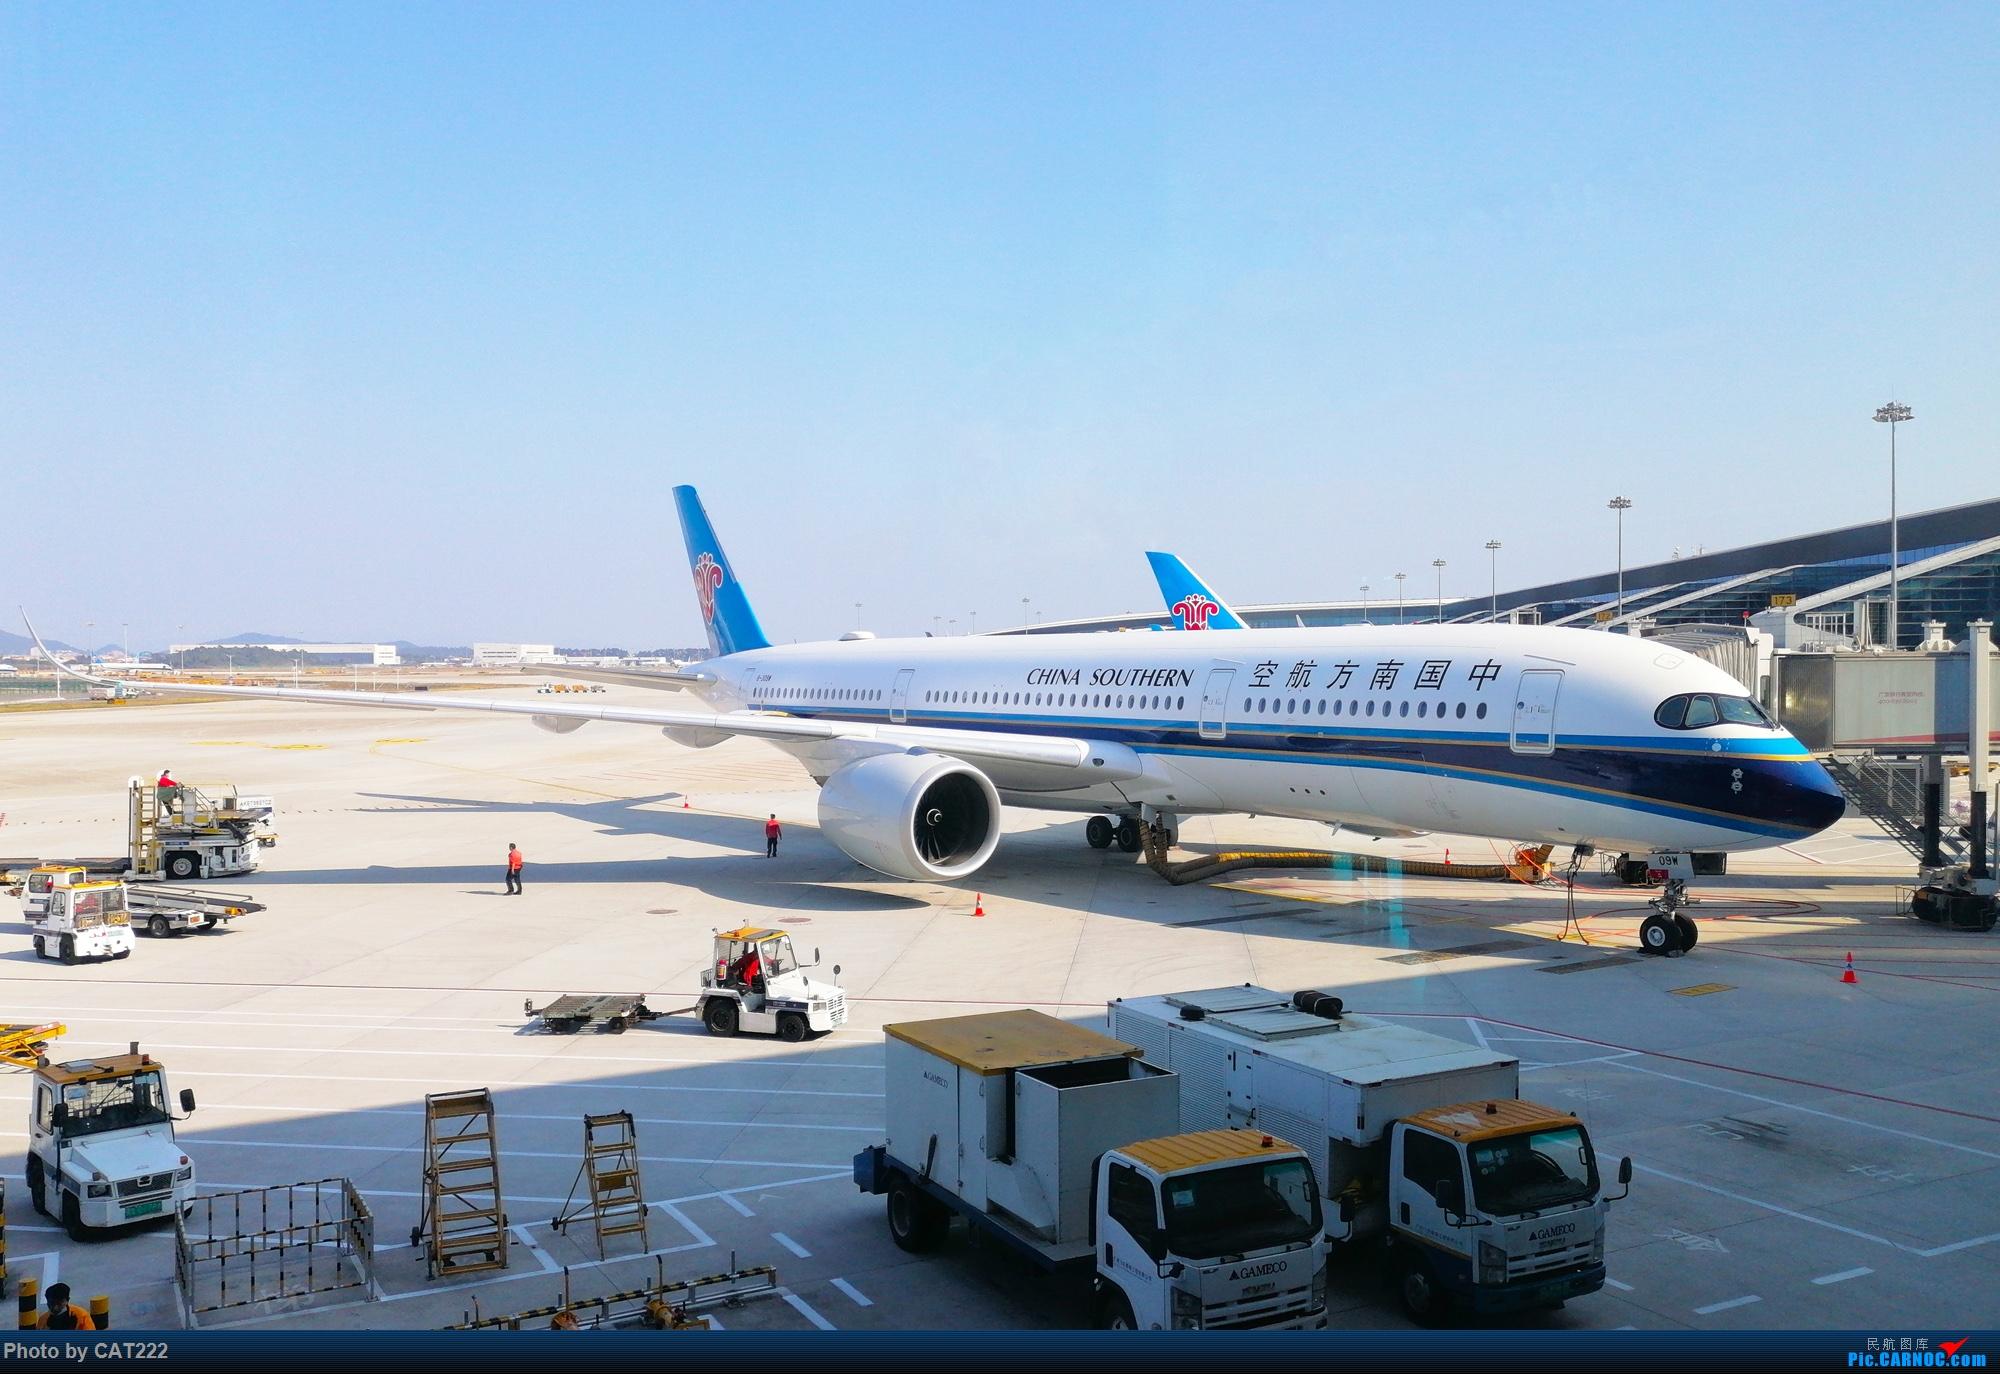 Re:[原创]飞机上看广州(经广州塔) AIRBUS A350-900 B-309W 广州白云国际机场